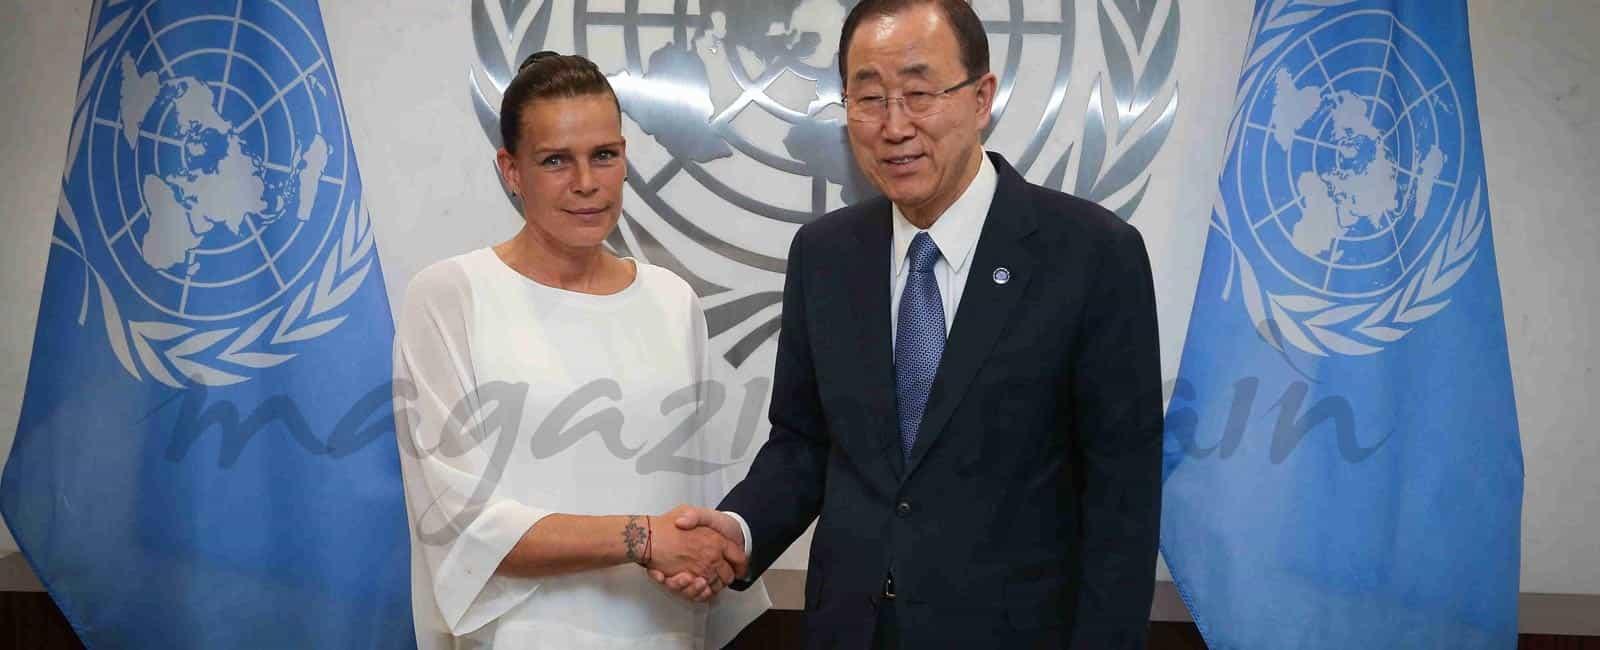 La princesa Estefanía, embajadora de la Buena Voluntad de la ONU